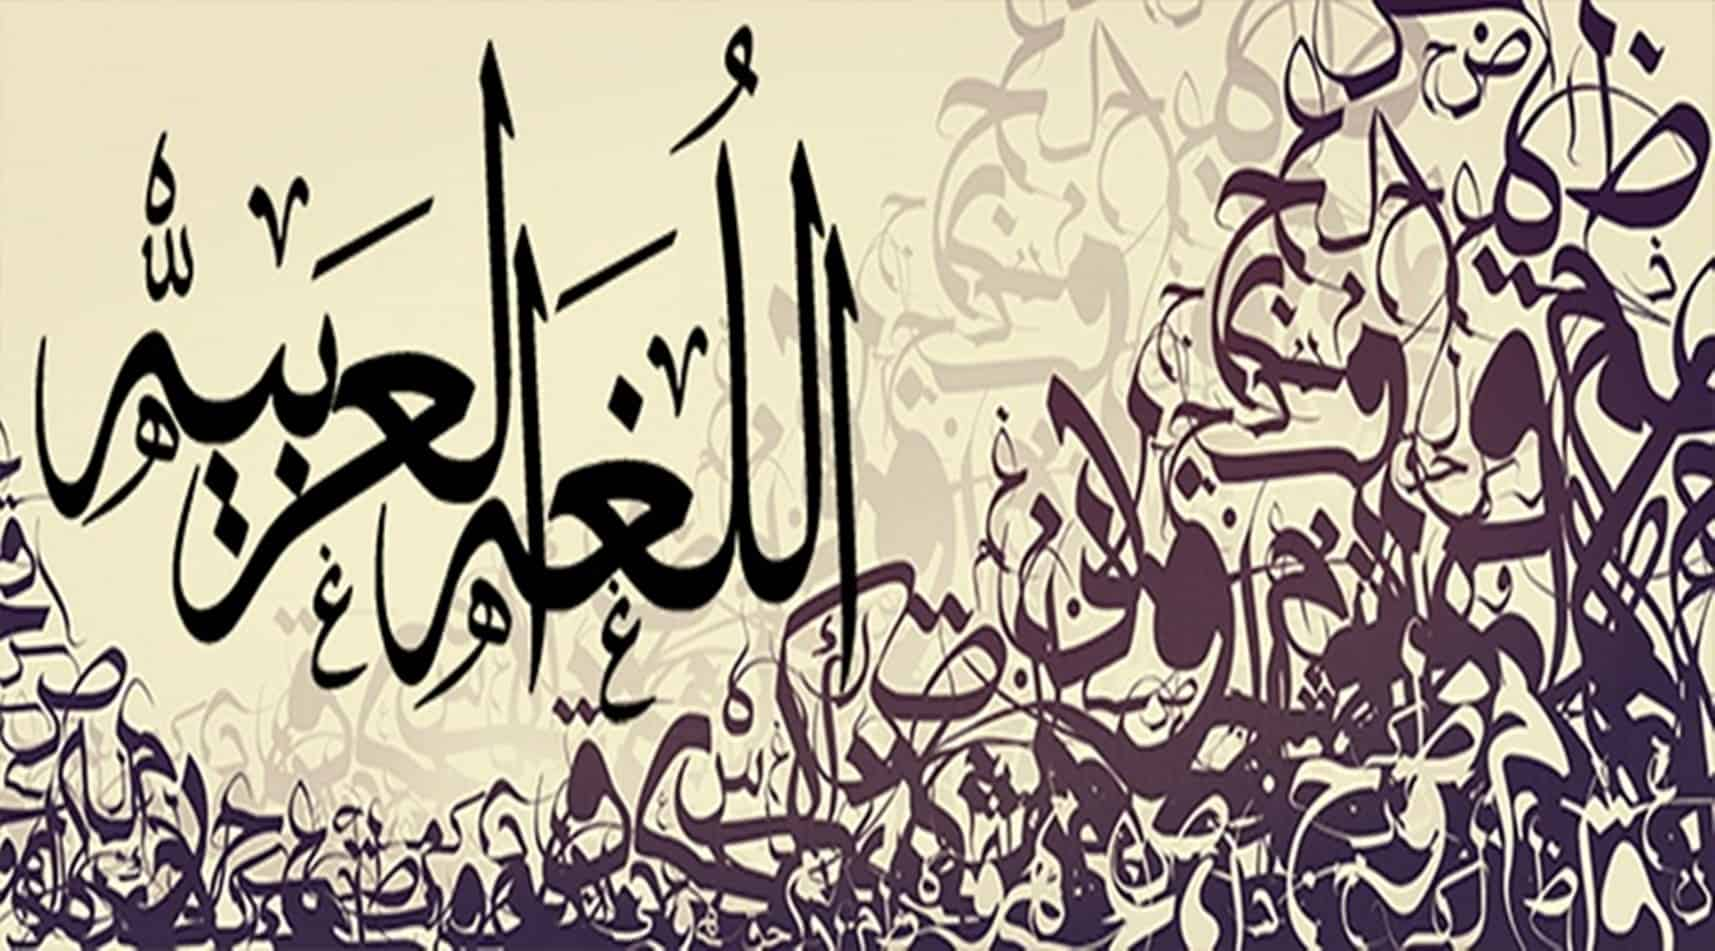 أحاديث عن اللغة العربية